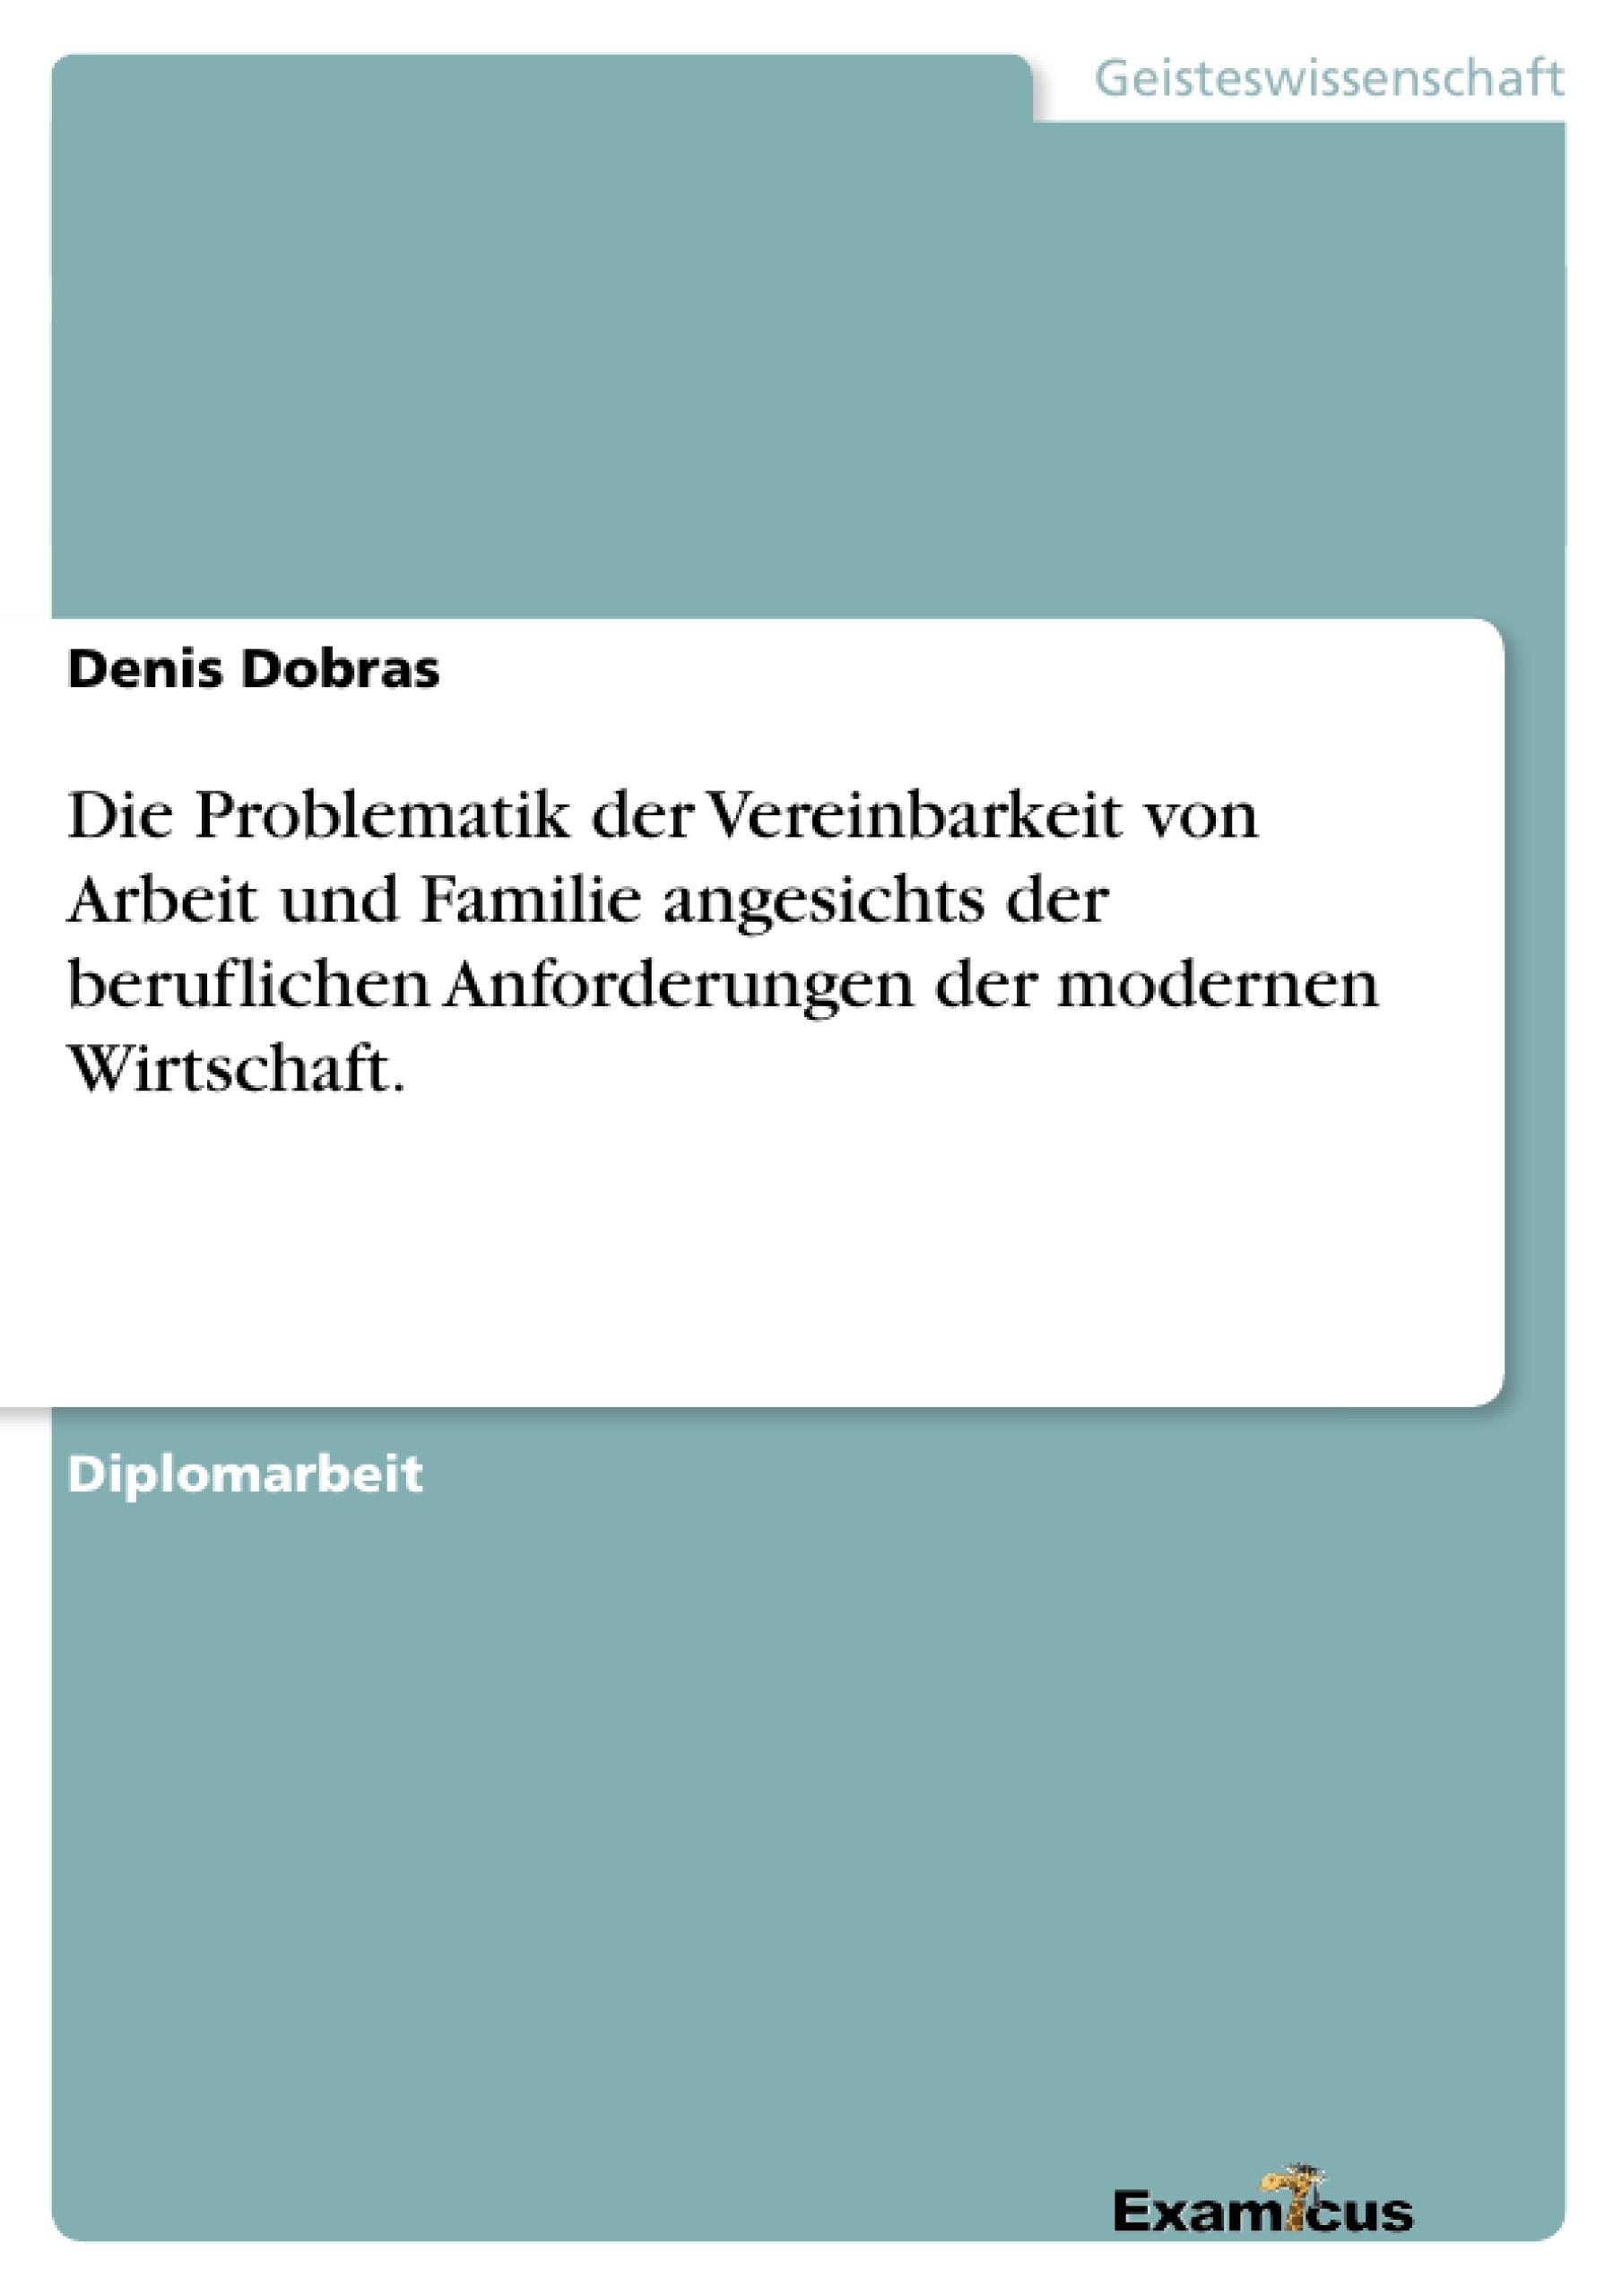 Titel: Die Problematik der Vereinbarkeit von Arbeit und Familie angesichts der beruflichen Anforderungen der modernen Wirtschaft.